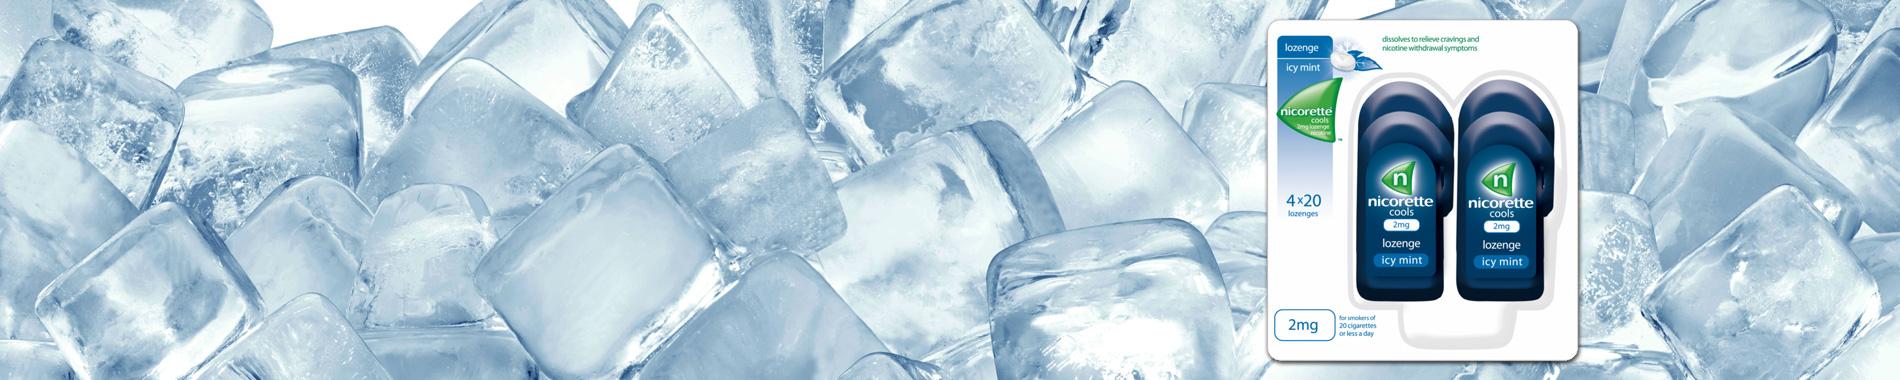 Nicorette Cools Lozenge Icy Mint 2mg 80 Lozenges